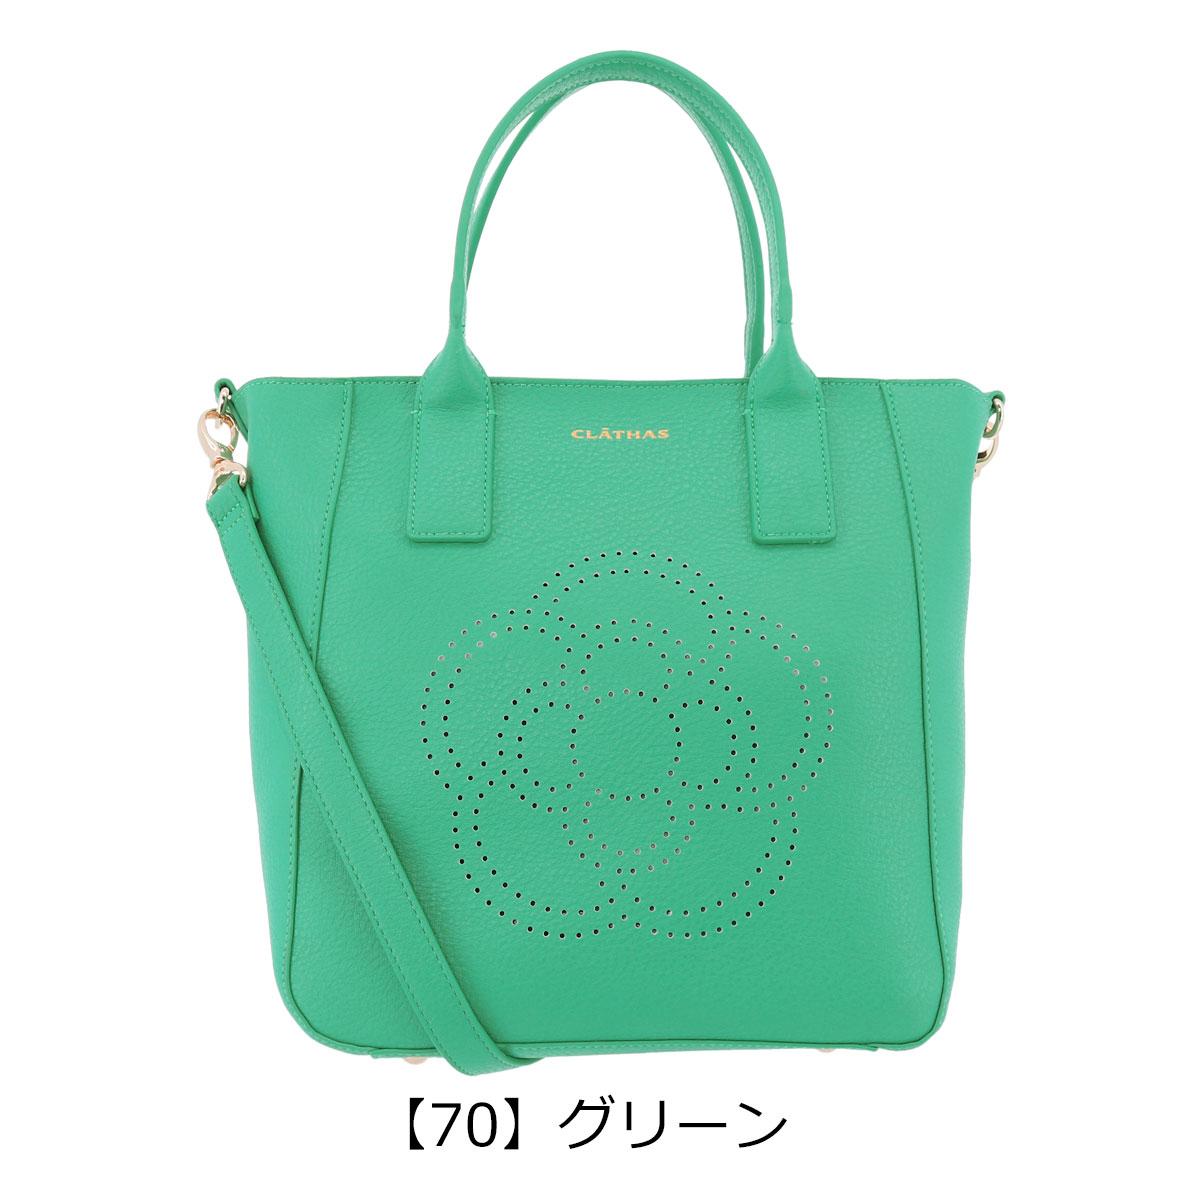 【70】グリーン